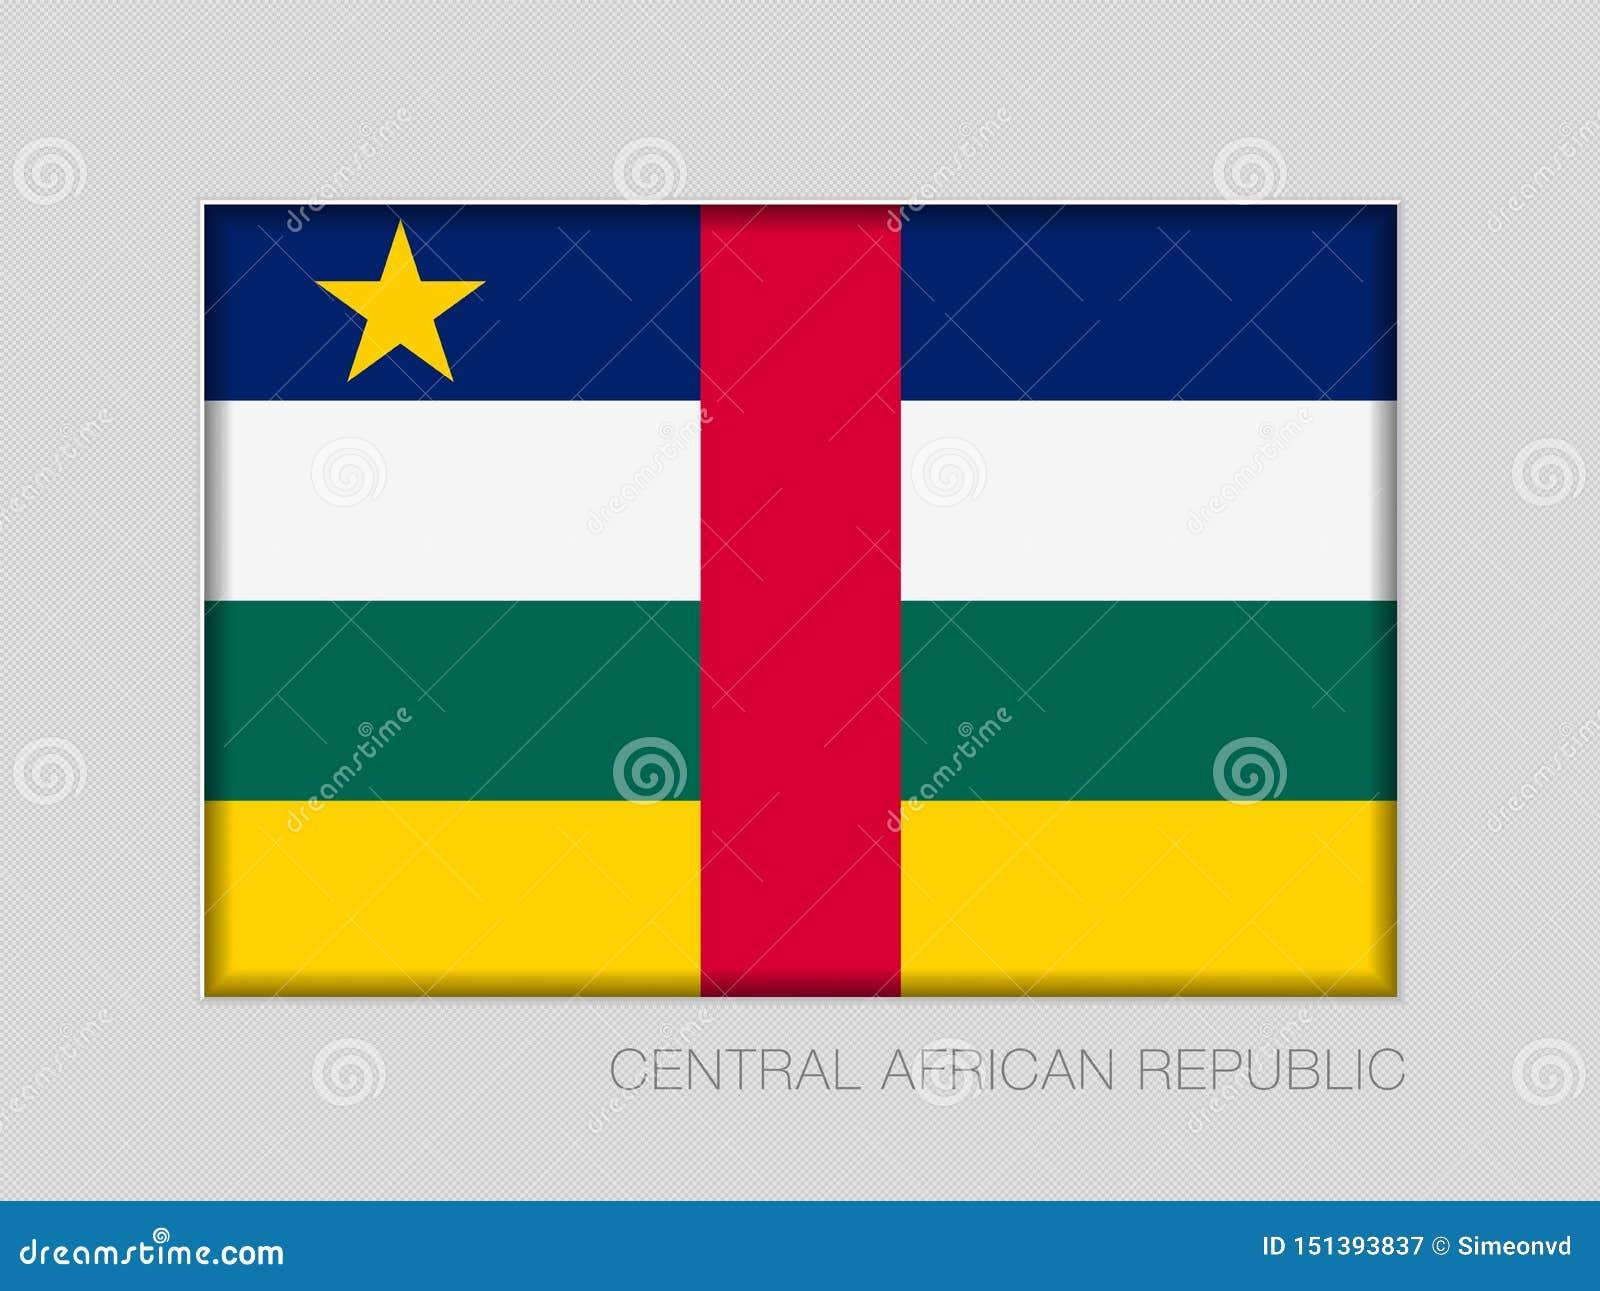 Флаг Центральноафриканской Республики Национальный коэффициент сжатия 2 до 3 Ensign на картоне серого цвета